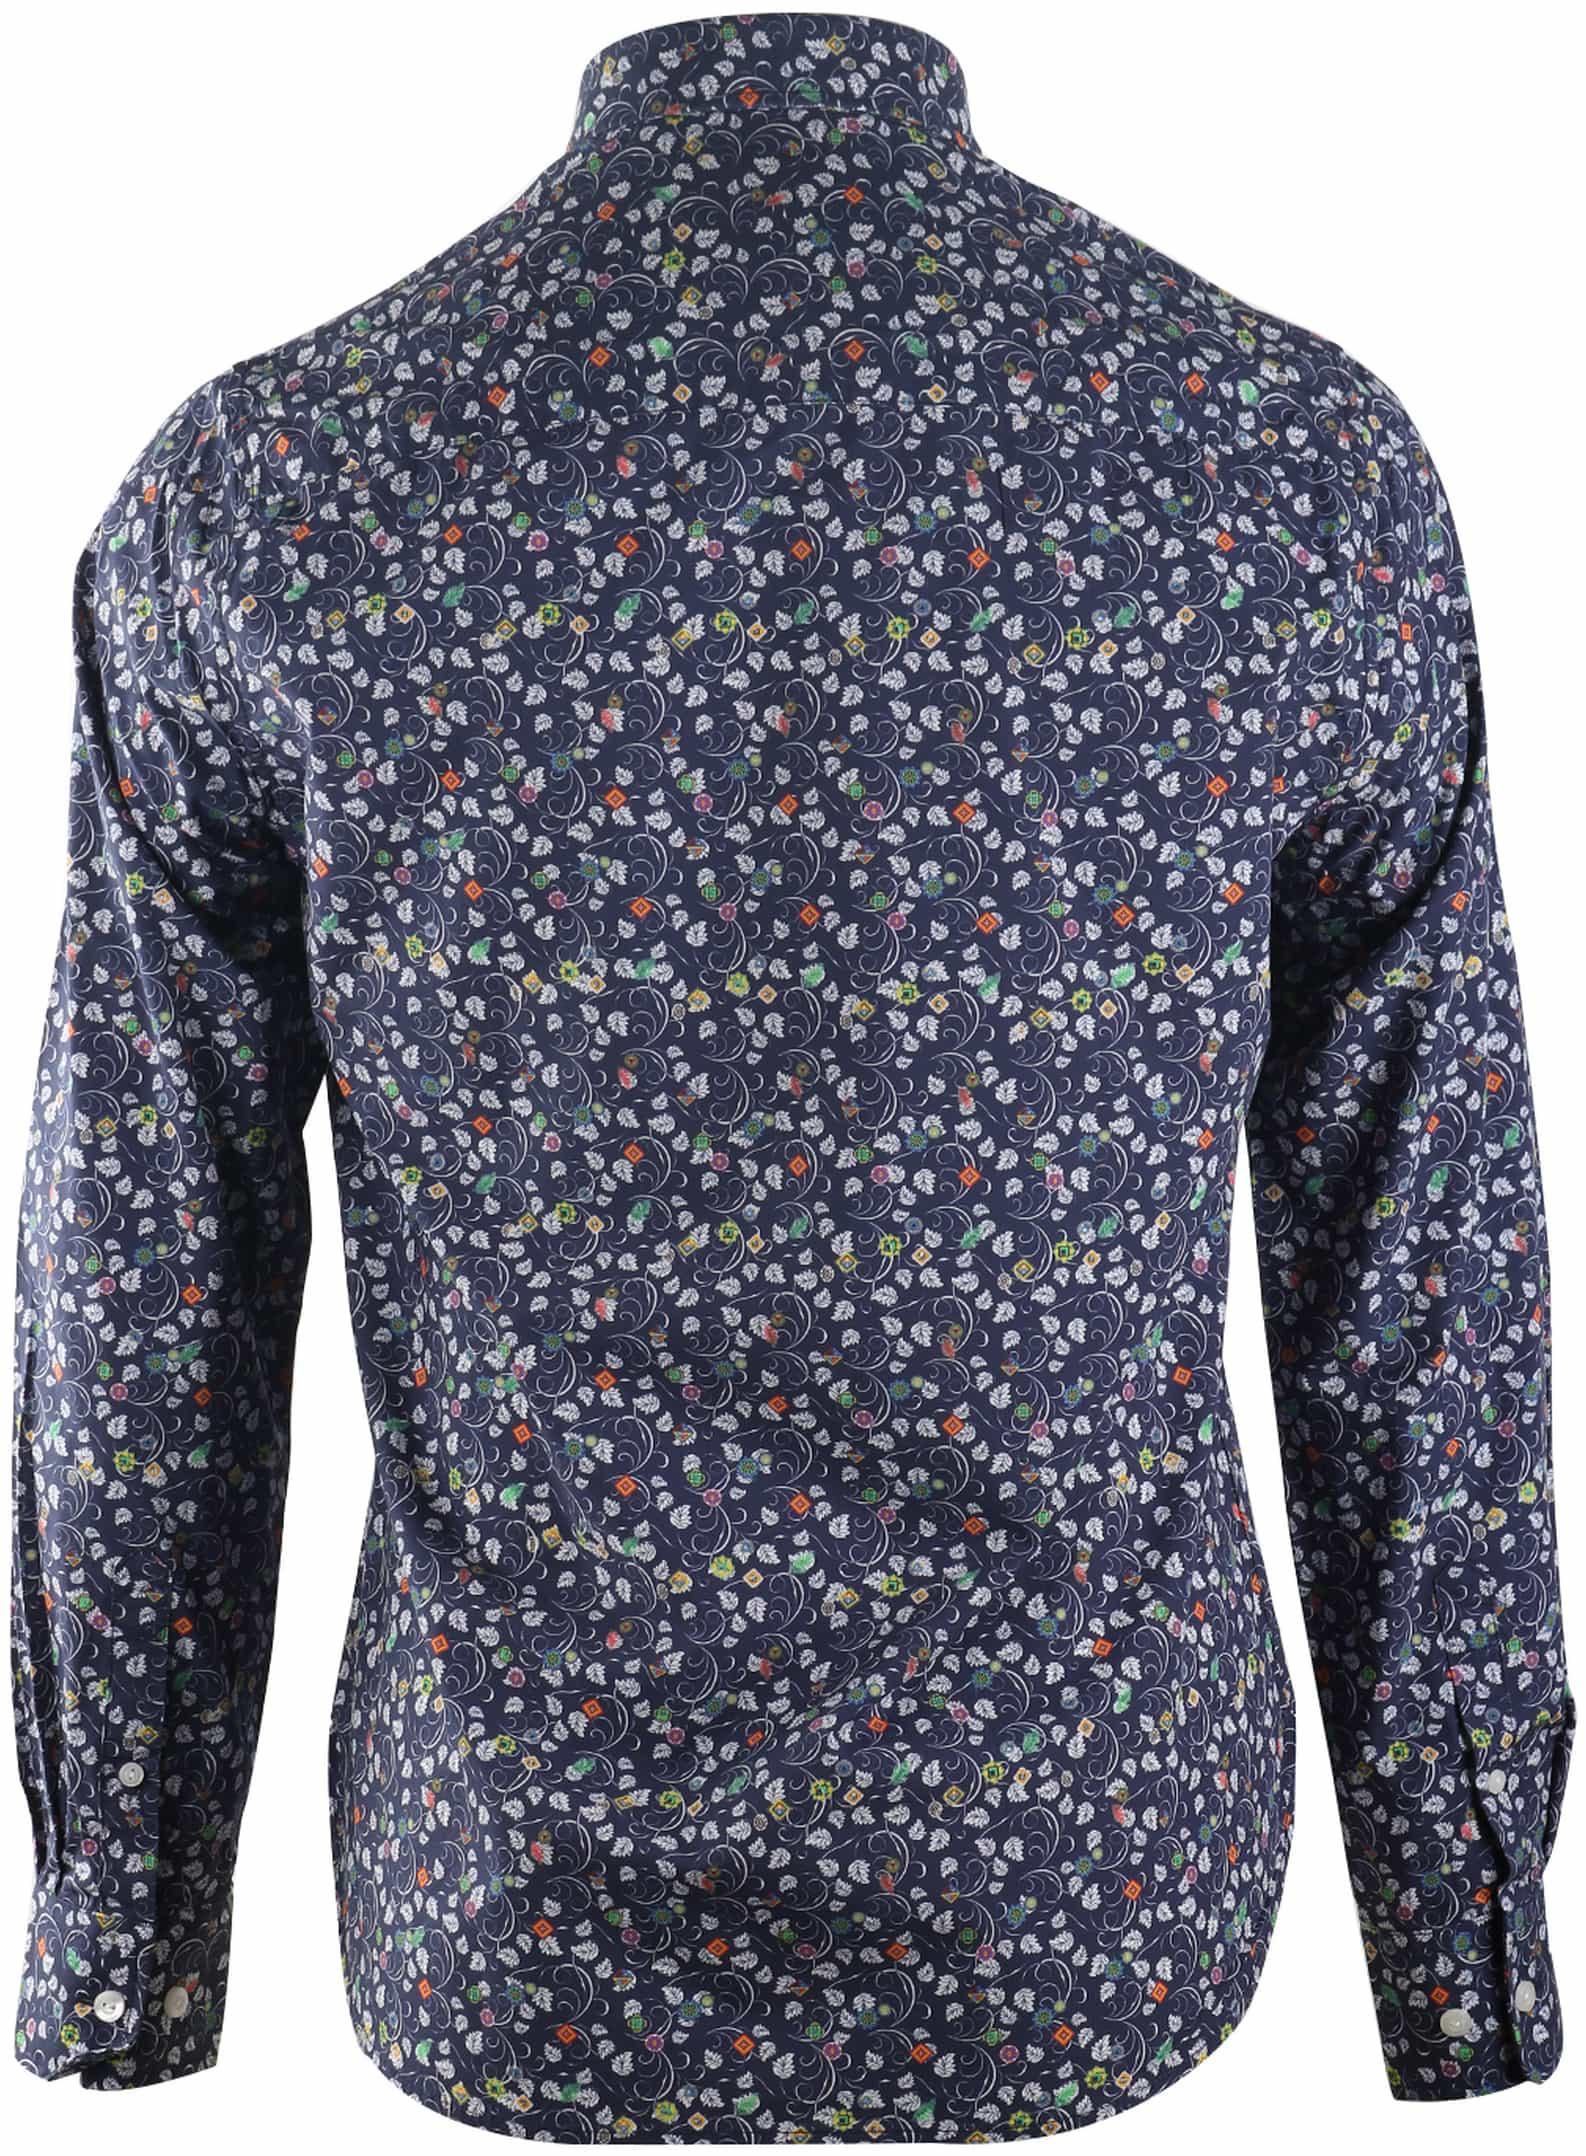 Overhemd Online Hohonu Eastern 17an509 Donkerblauw Nza X80OnkwP